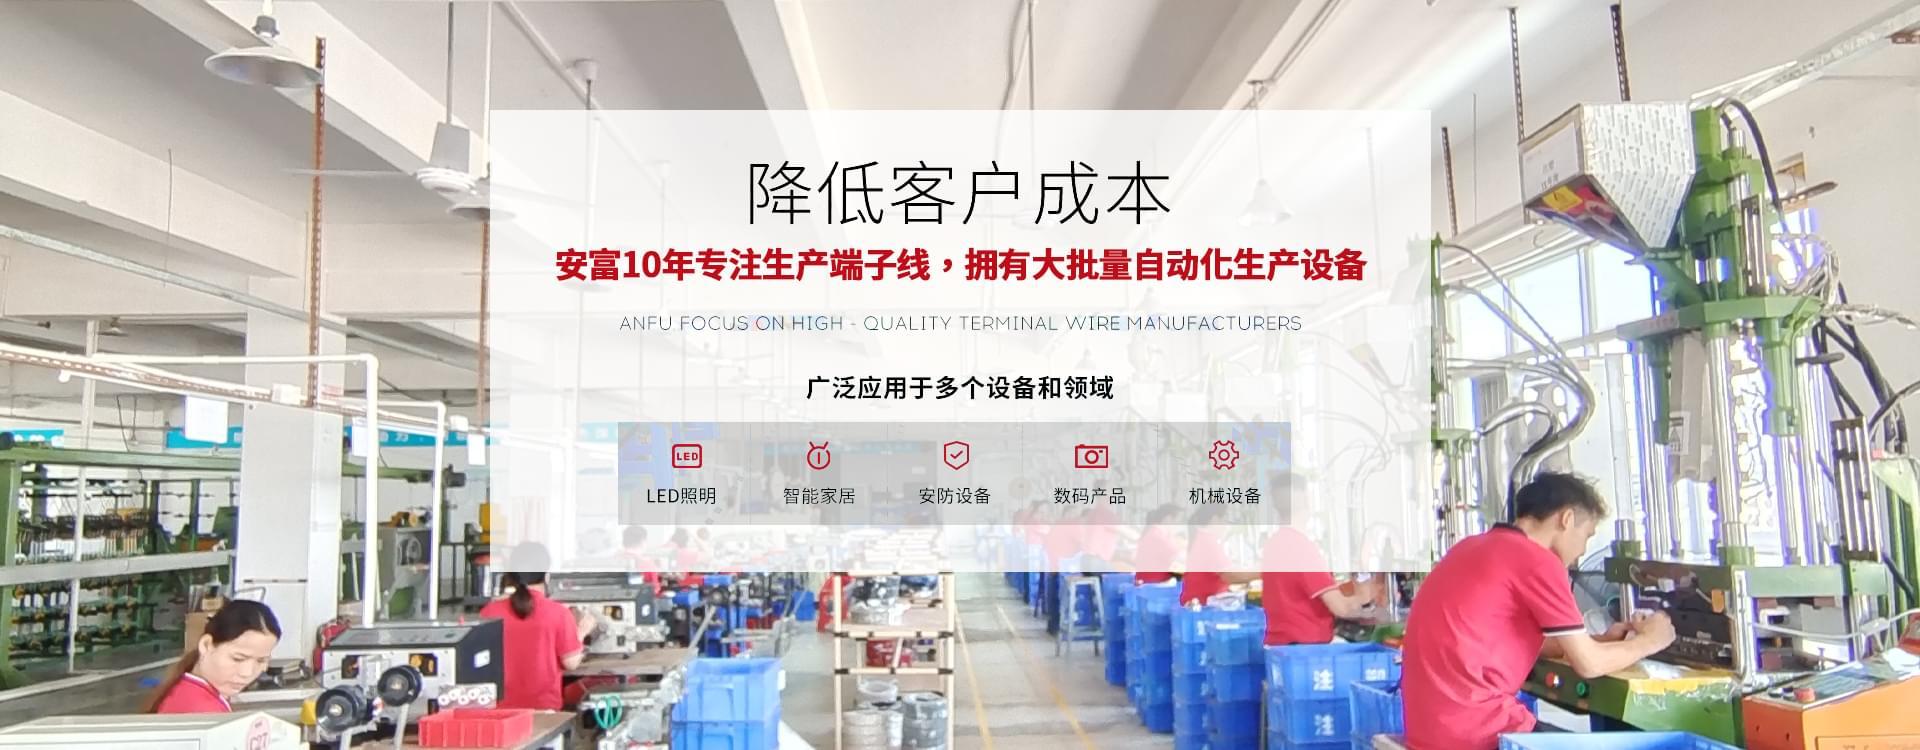 降低客户成本,安富专注高品质端子线生产厂家